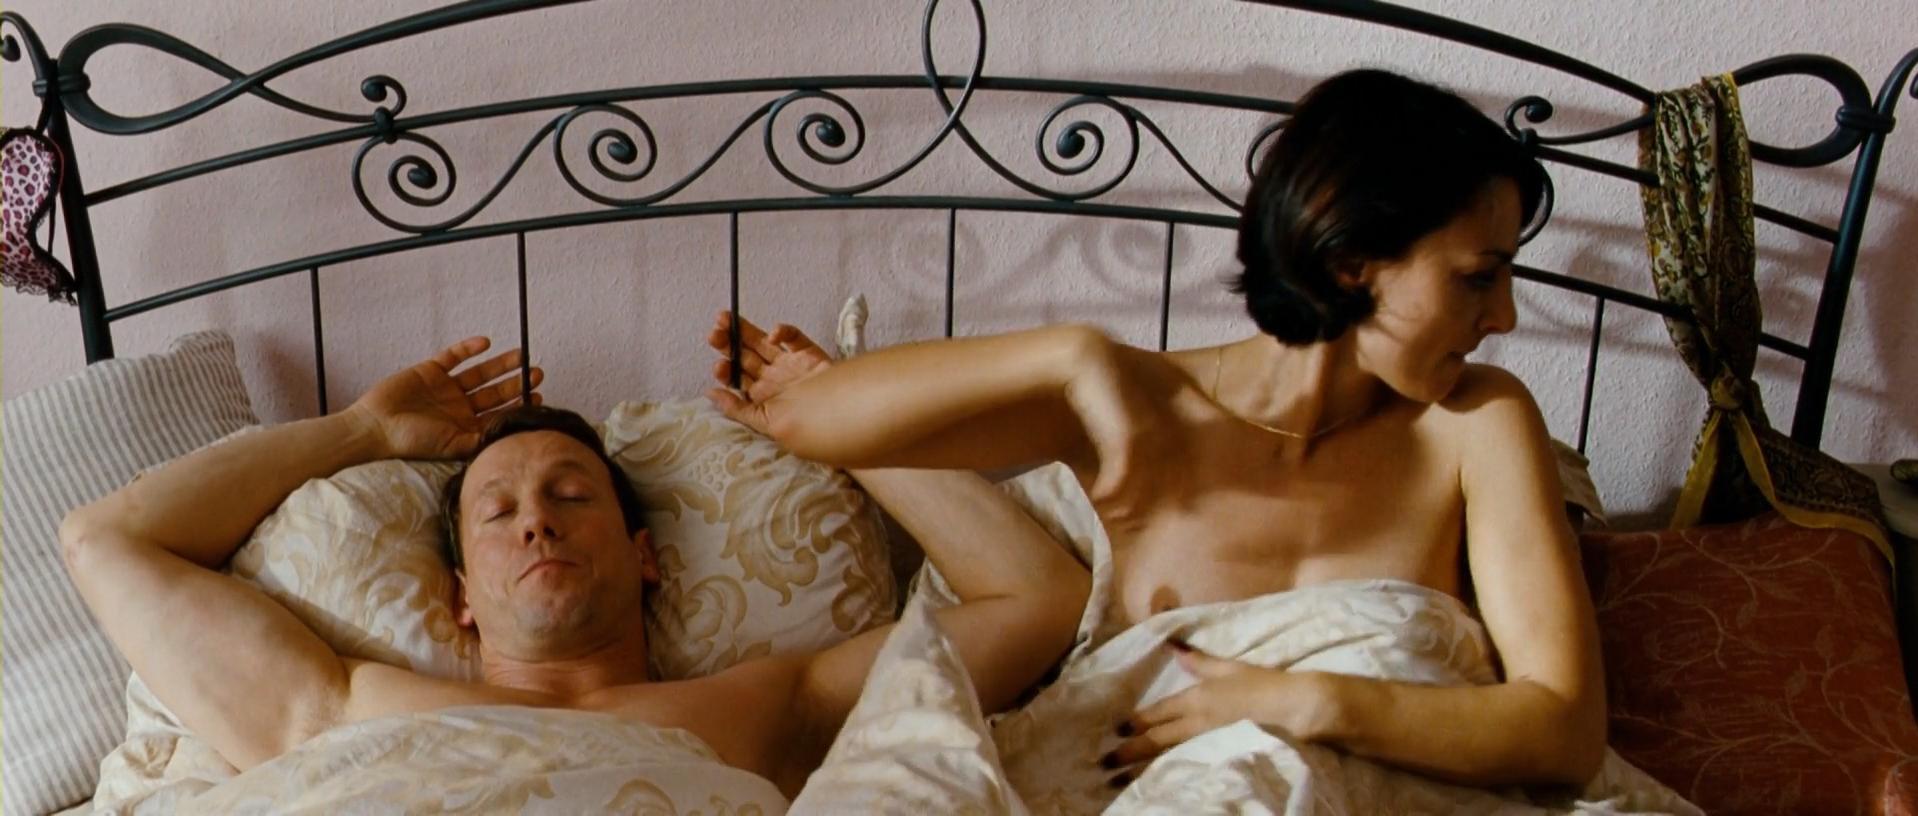 Miranda Leonhardt nude - Mann tut was Mann kann (2012)